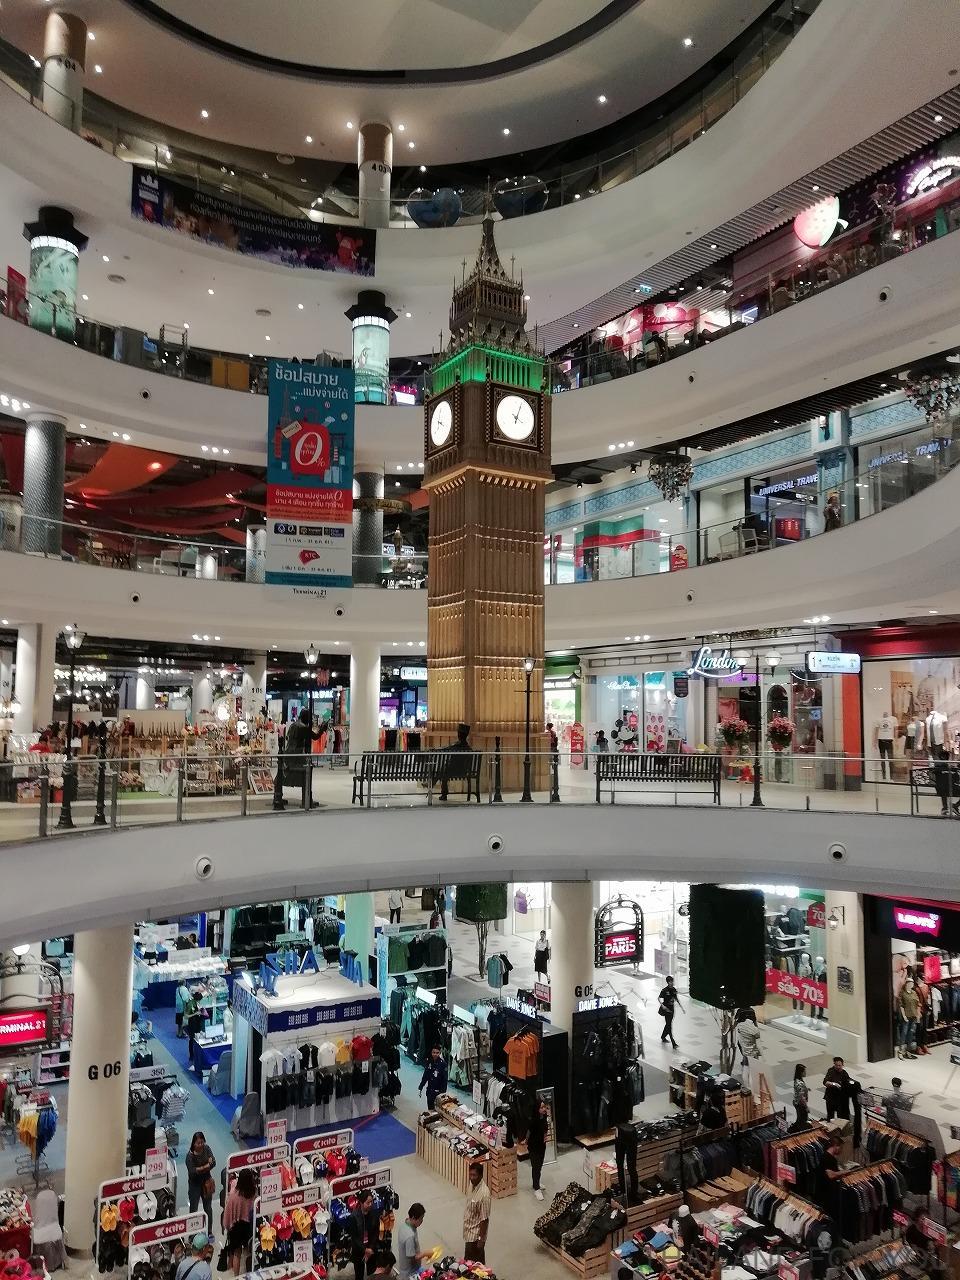 ターミナル21 コラート ビッグベン ロンドン 写真 画像